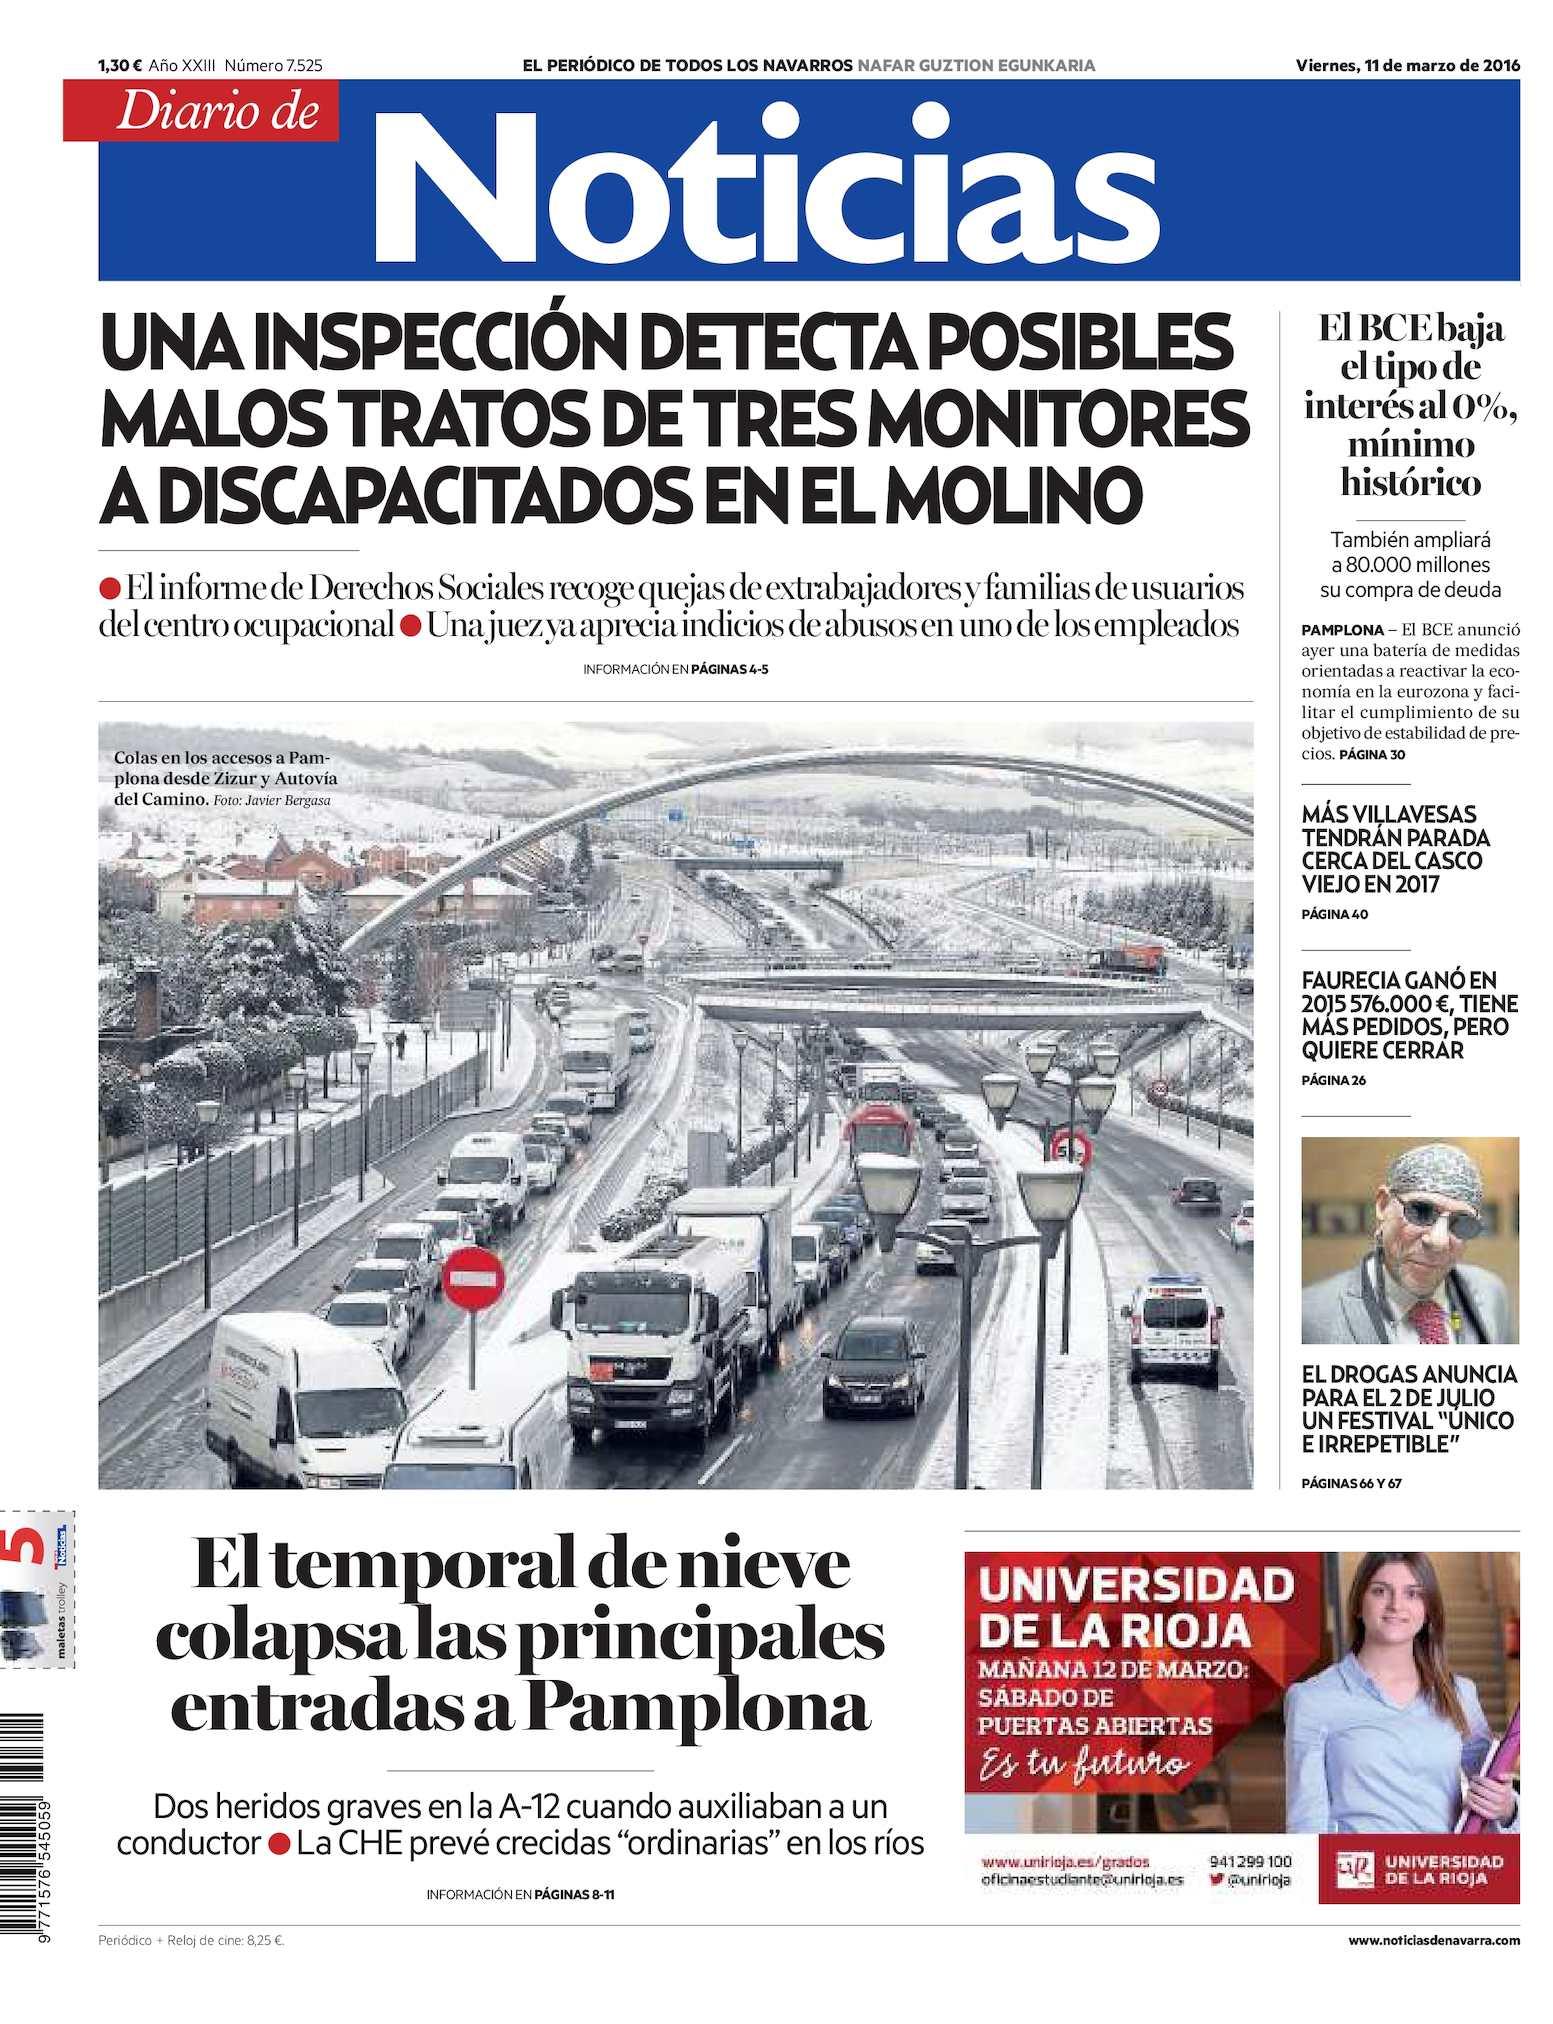 bc8800a71c Calaméo - Diario de Noticias 20160311